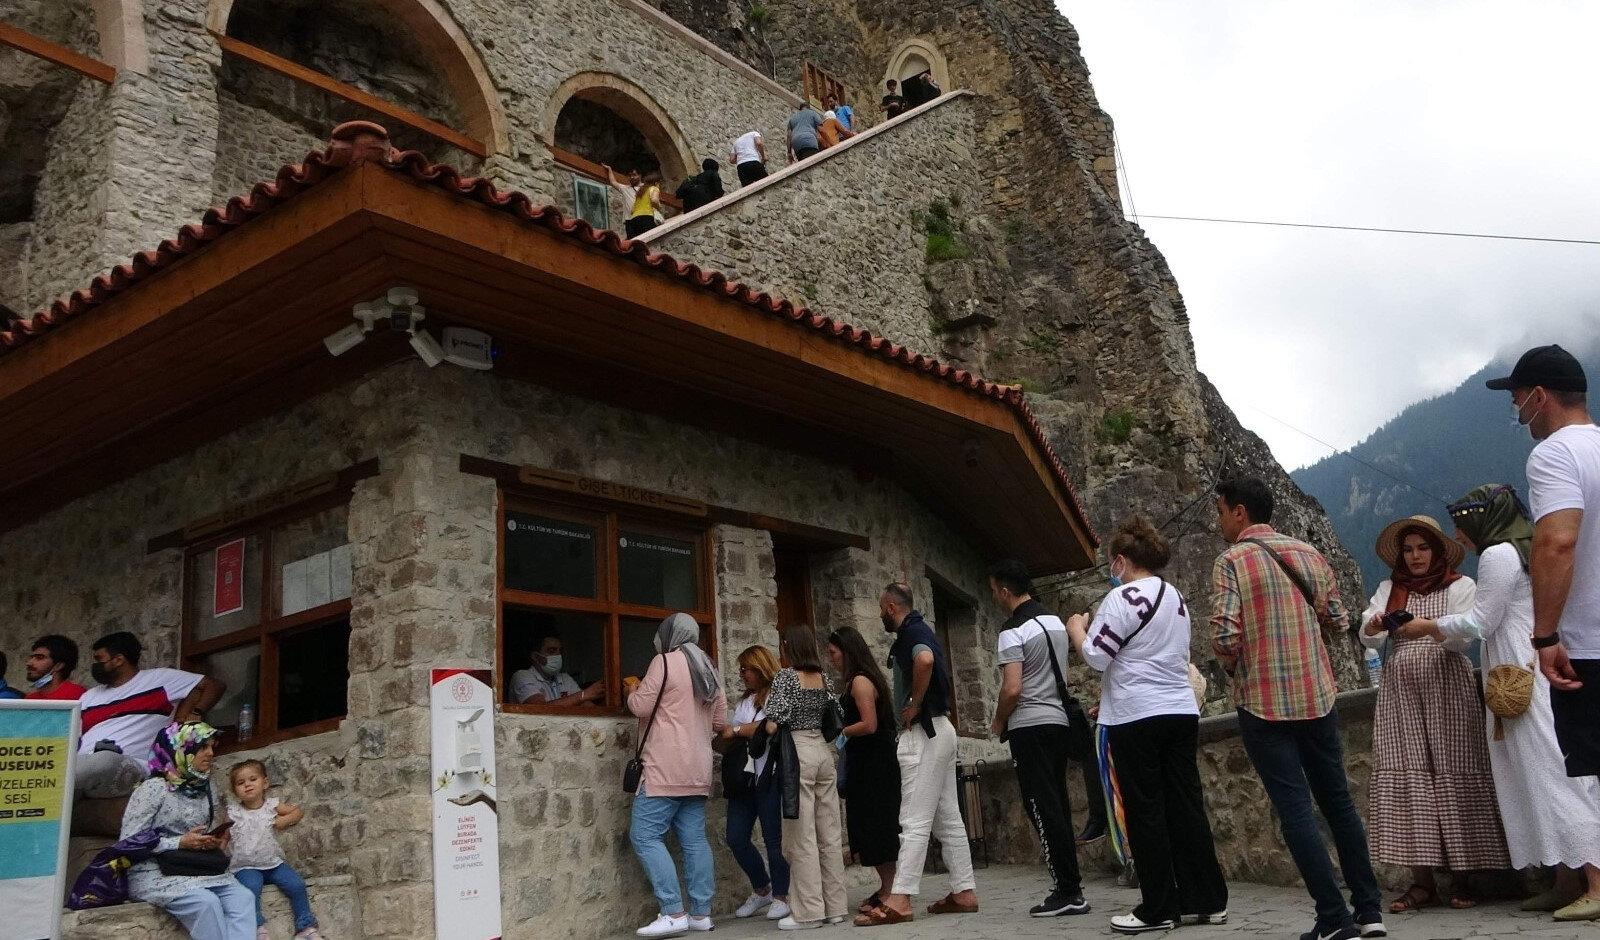 Sümela Manastırı'nda kaya güçlendirme ve restorasyon çalışmaları 2016 yılı şubat ayında başlamıştı.